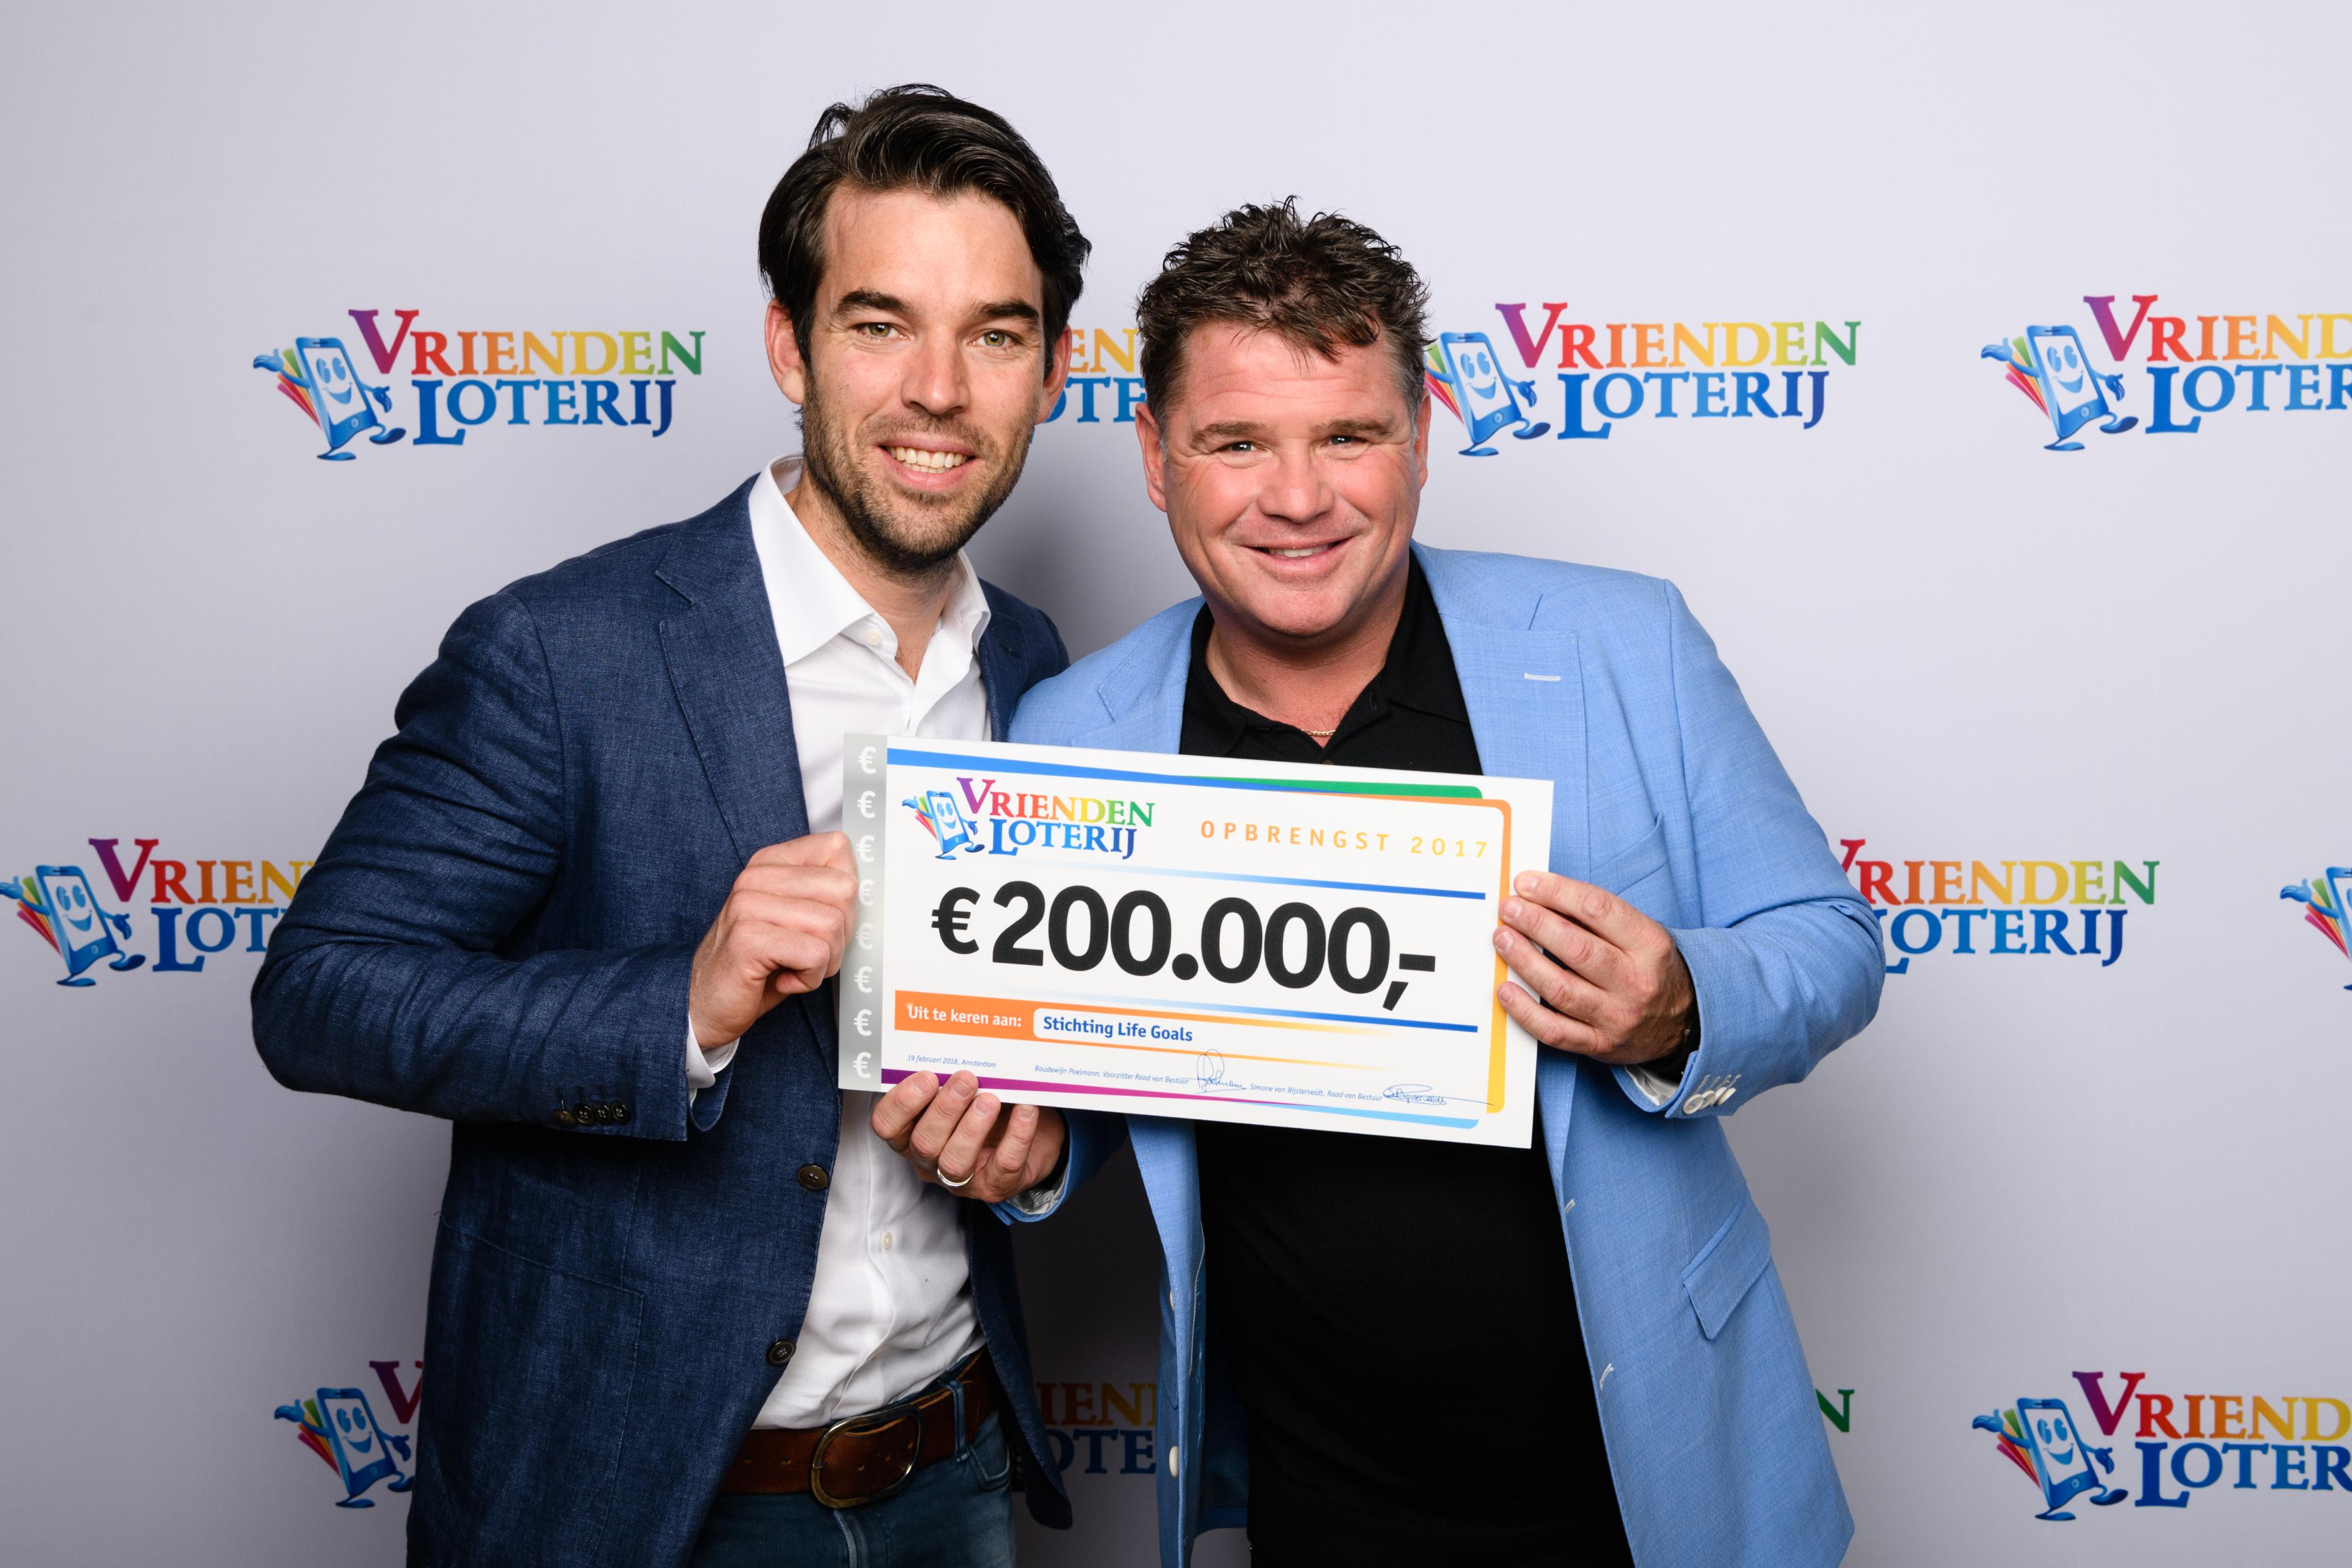 Life Goals Nederland één van de nieuwe vaste goede doelen van de VriendenLoterij